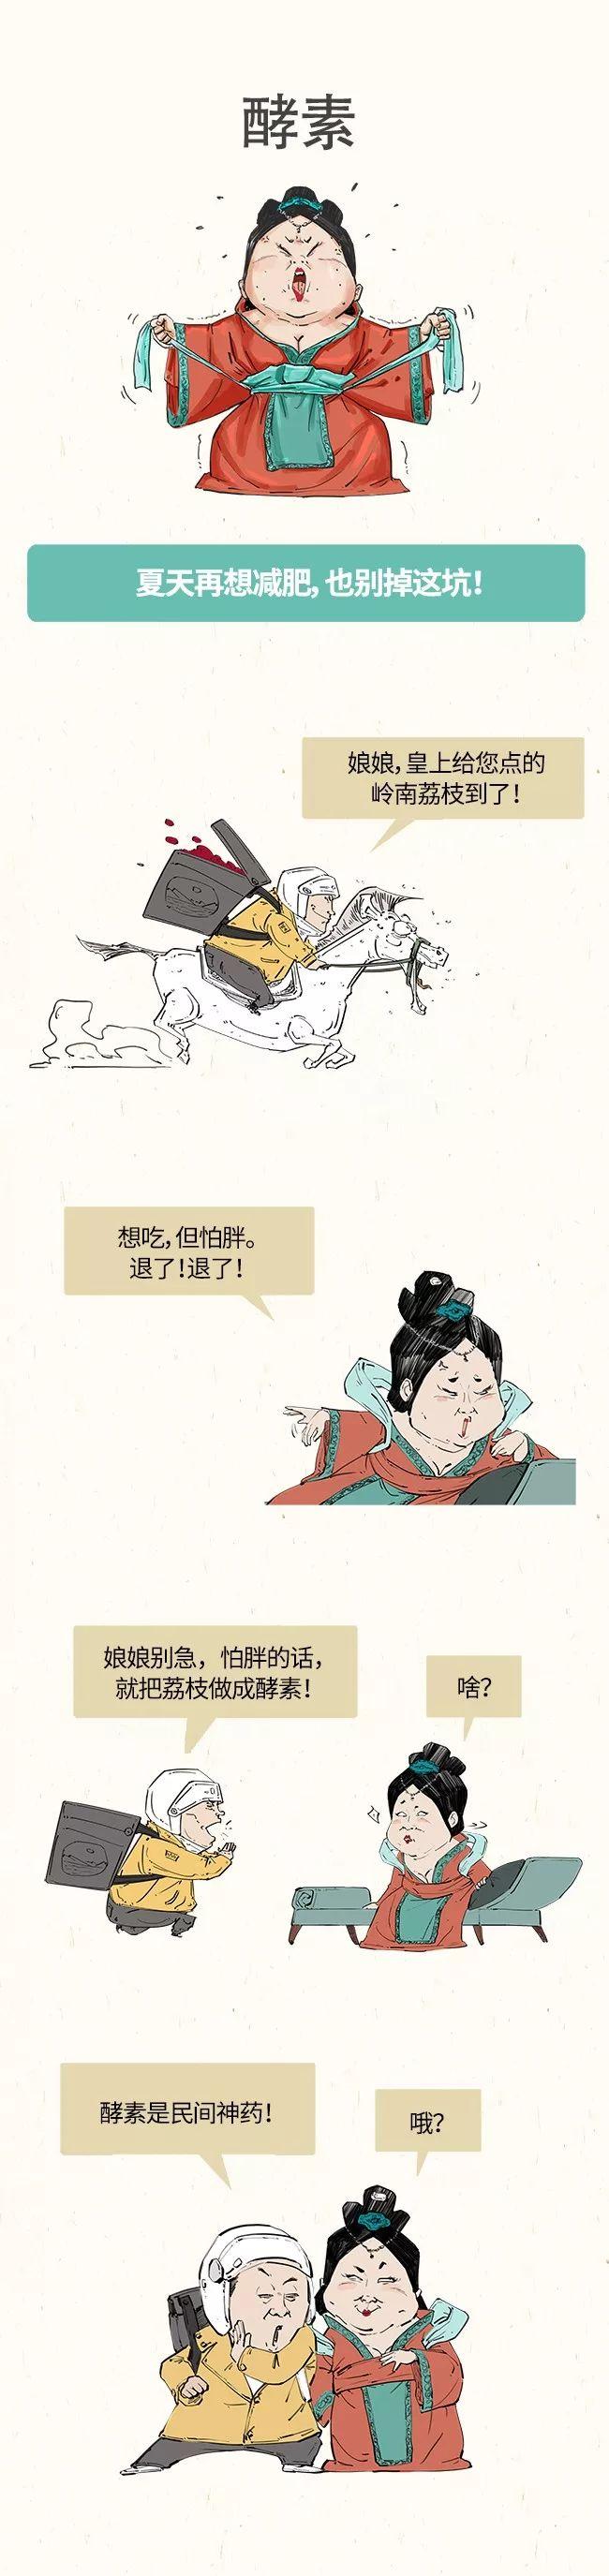 漫画科普:猪吃了增肥的东西,我吃了就能减肥了?